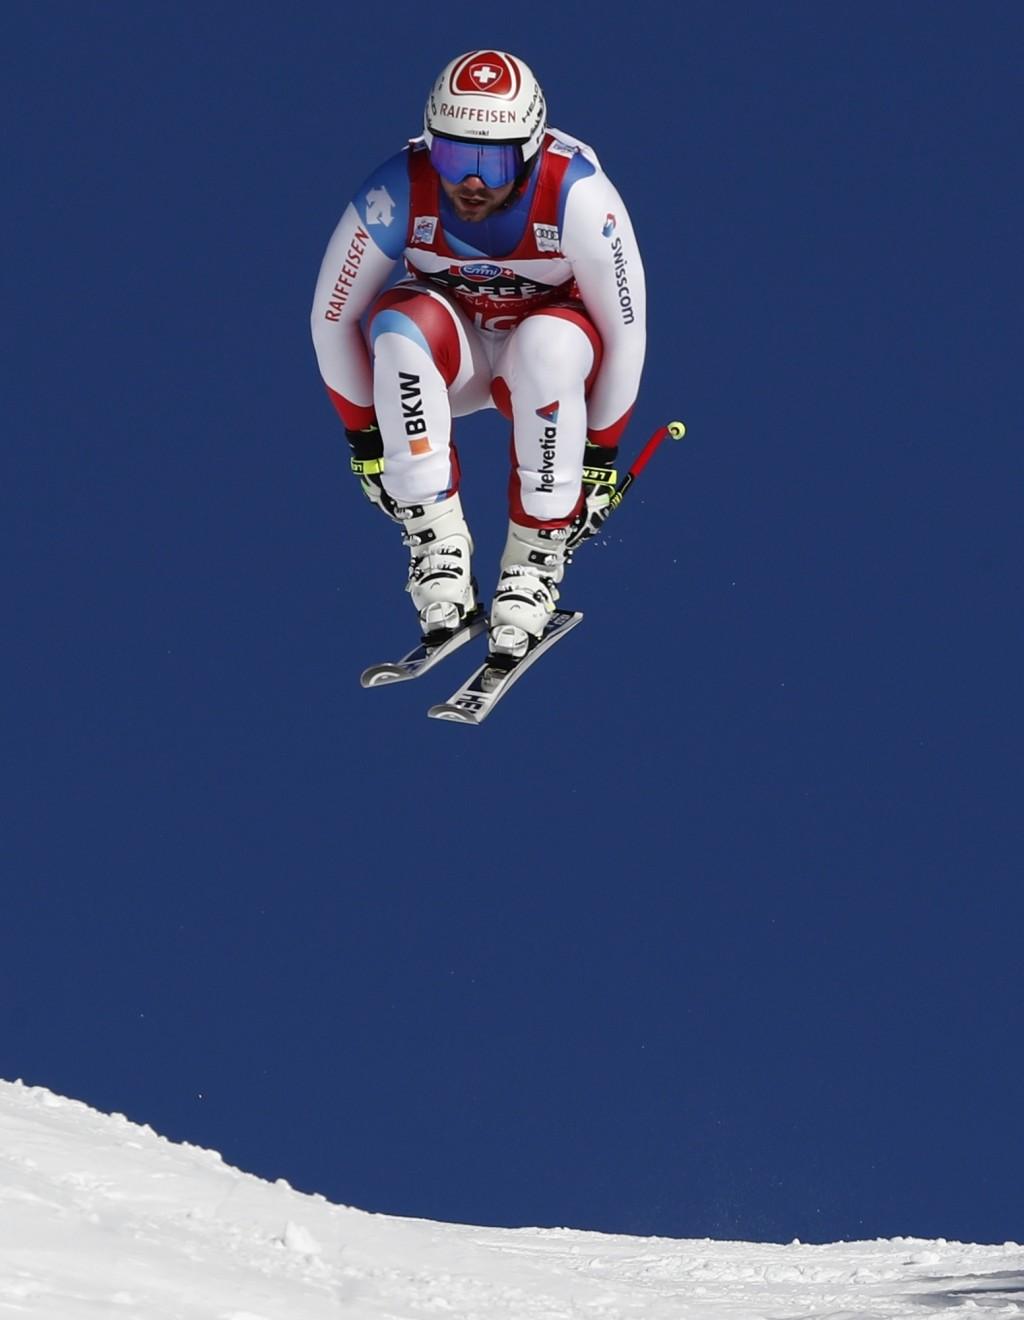 Switzerland's Beat Feuz competes during an alpine ski, men's World Cup downhill in Wengen, Switzerland, Saturday, Jan. 19, 2019. (AP Photo/Gabriele Fa...